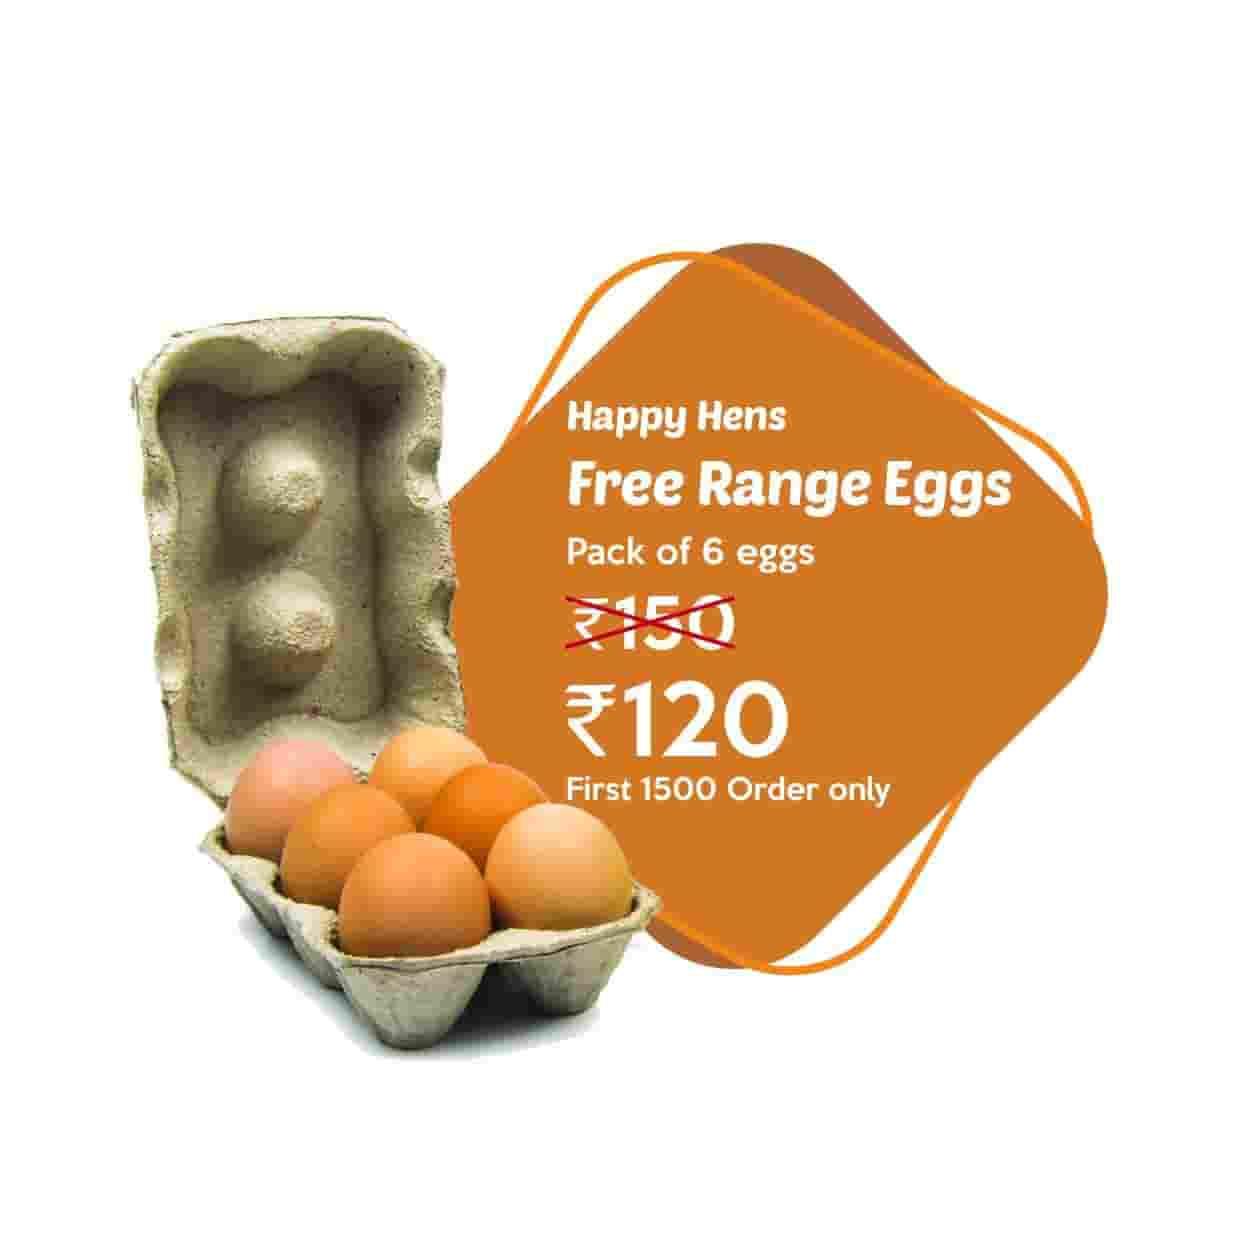 HappyHens Free Range Eggs